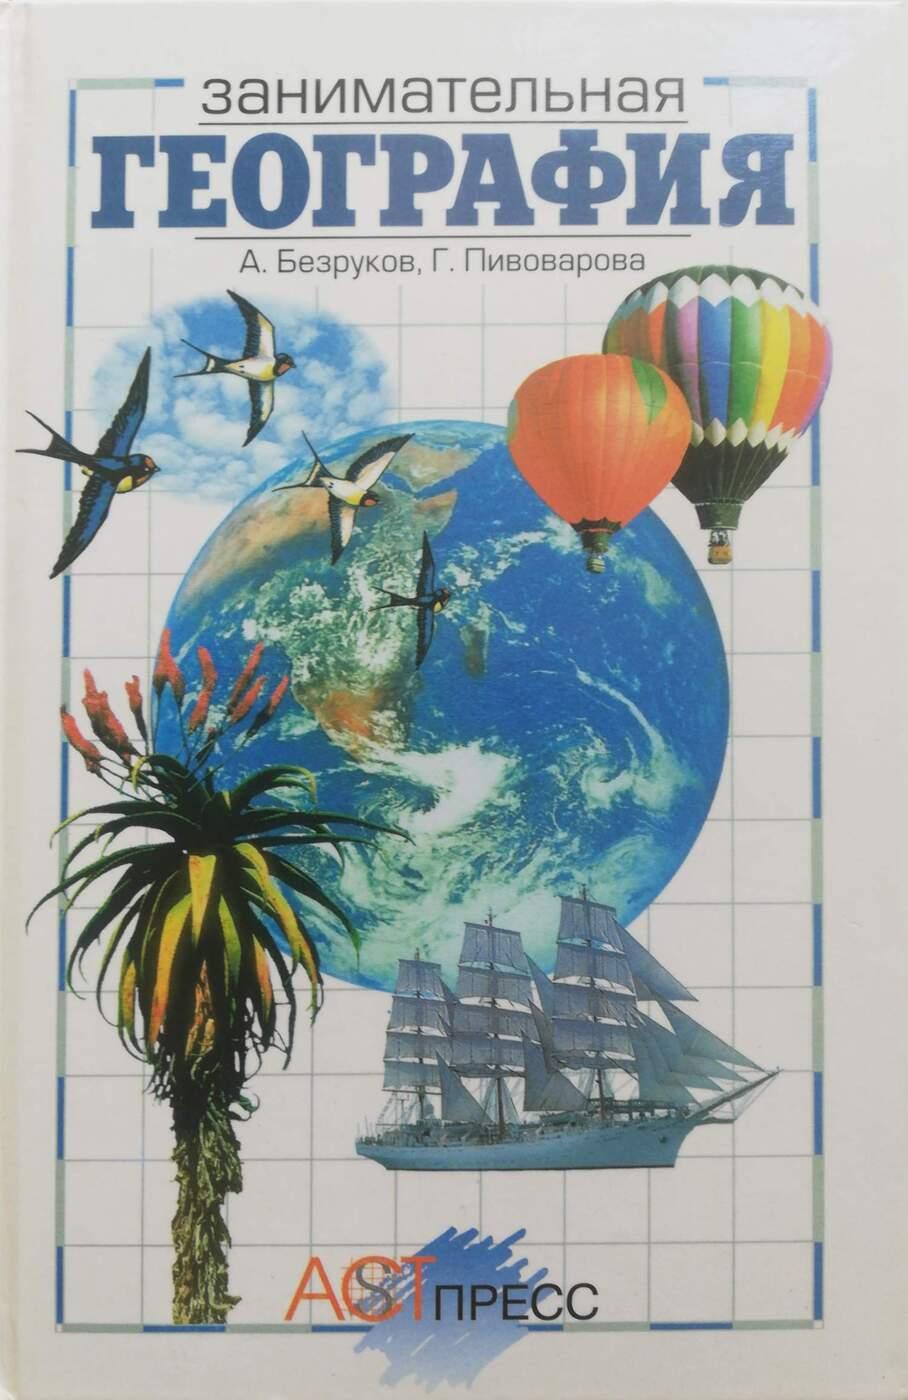 А. Безруков, Г. Пивоварова Занимательная география